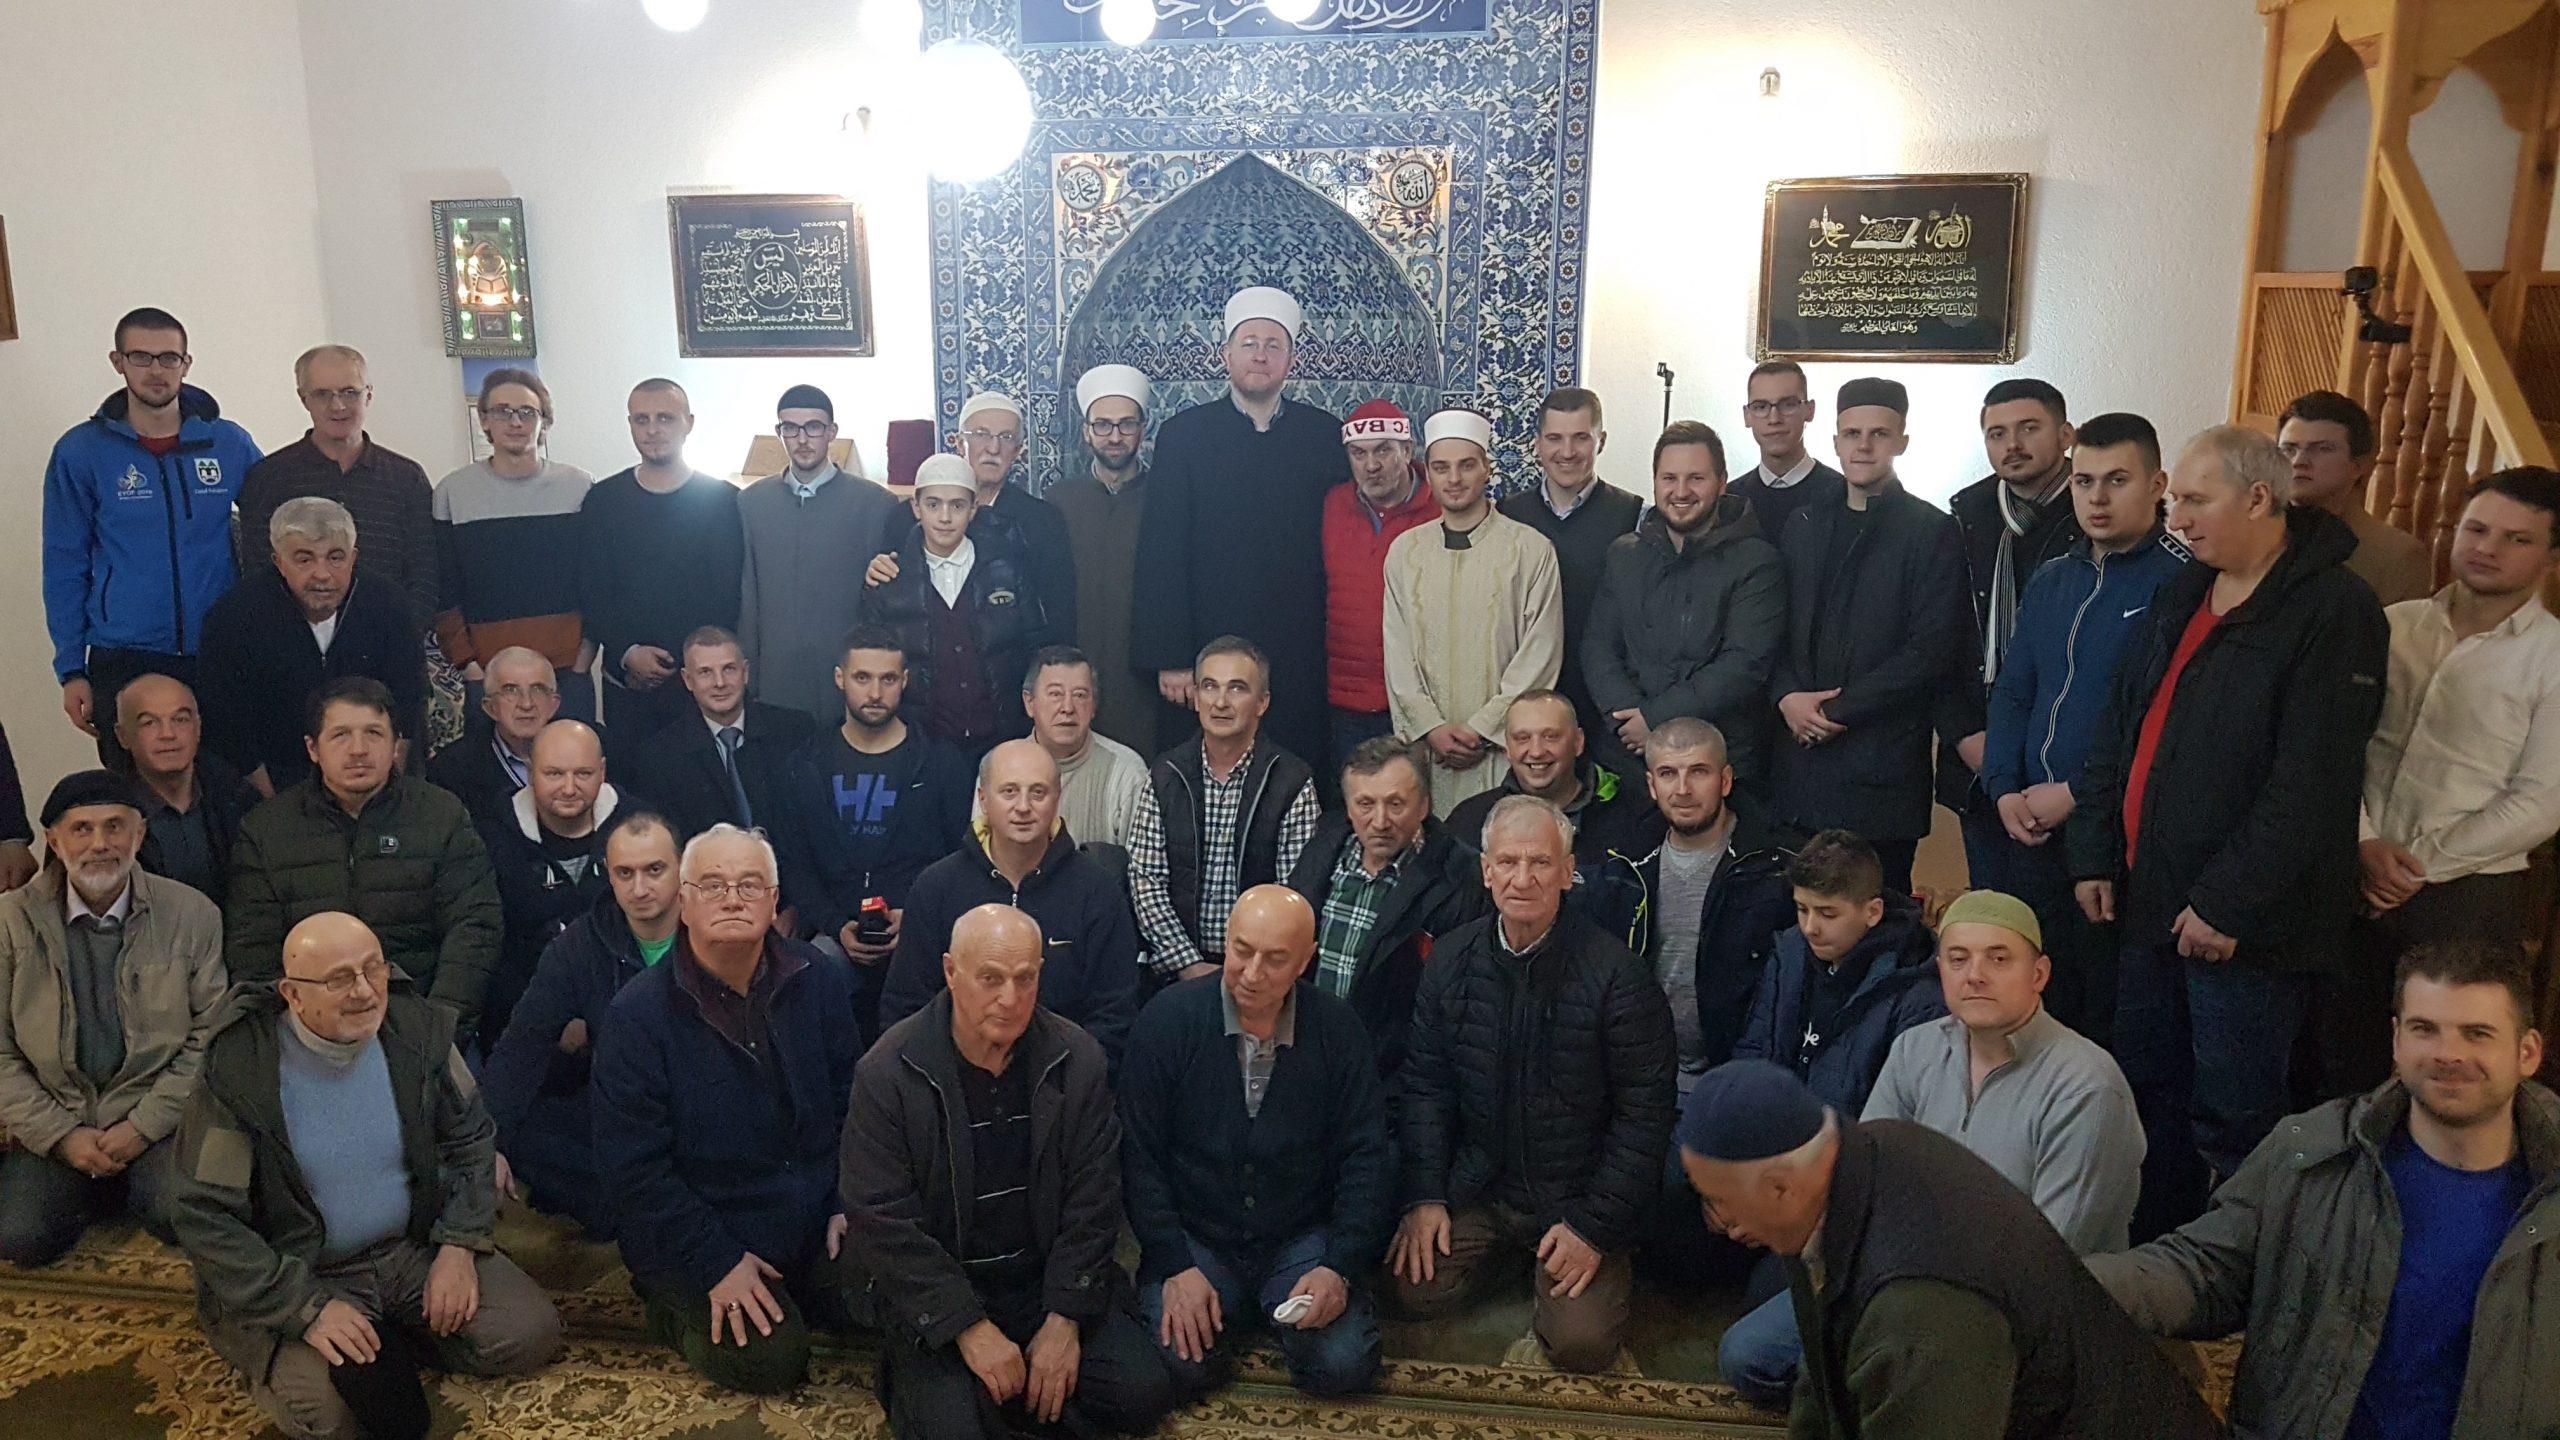 Zajednička jacija u džamiji u Žagrićima: Posjeta glavnog imama rejonu Širokača